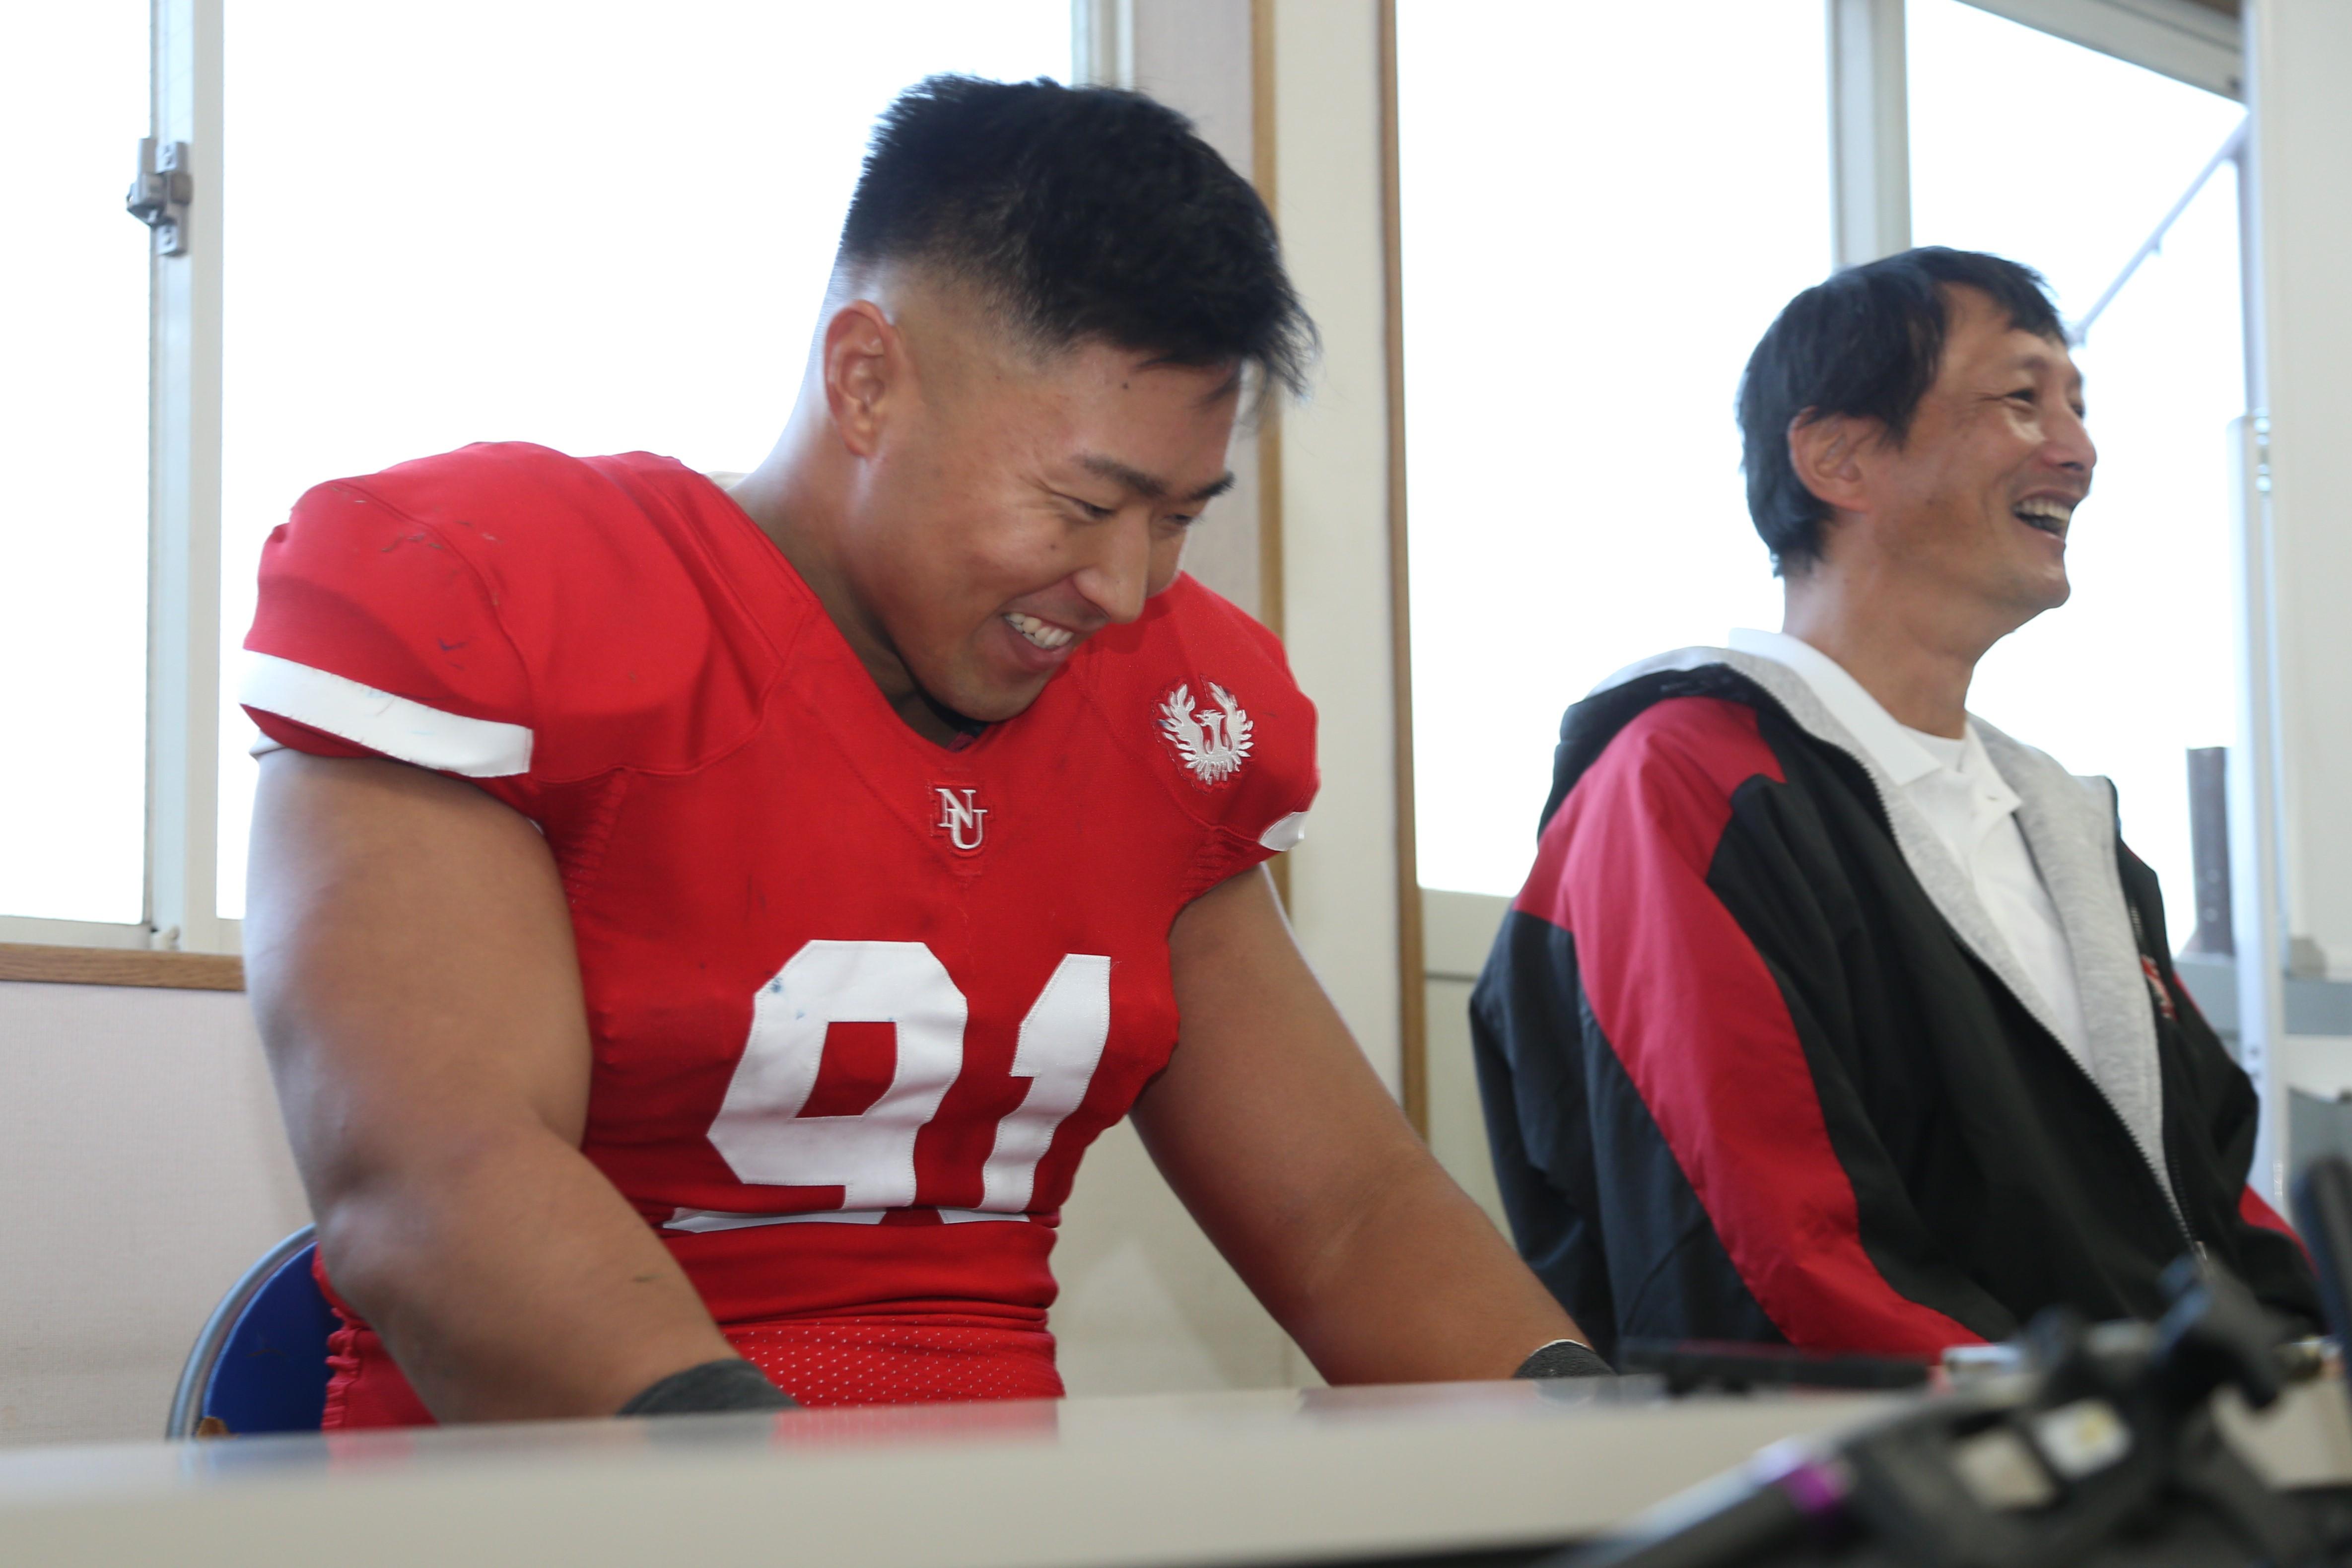 試合後の記者会見で、橋詰功監督とともに笑顔を見せる宮川泰介選手=撮影:松嵜未来